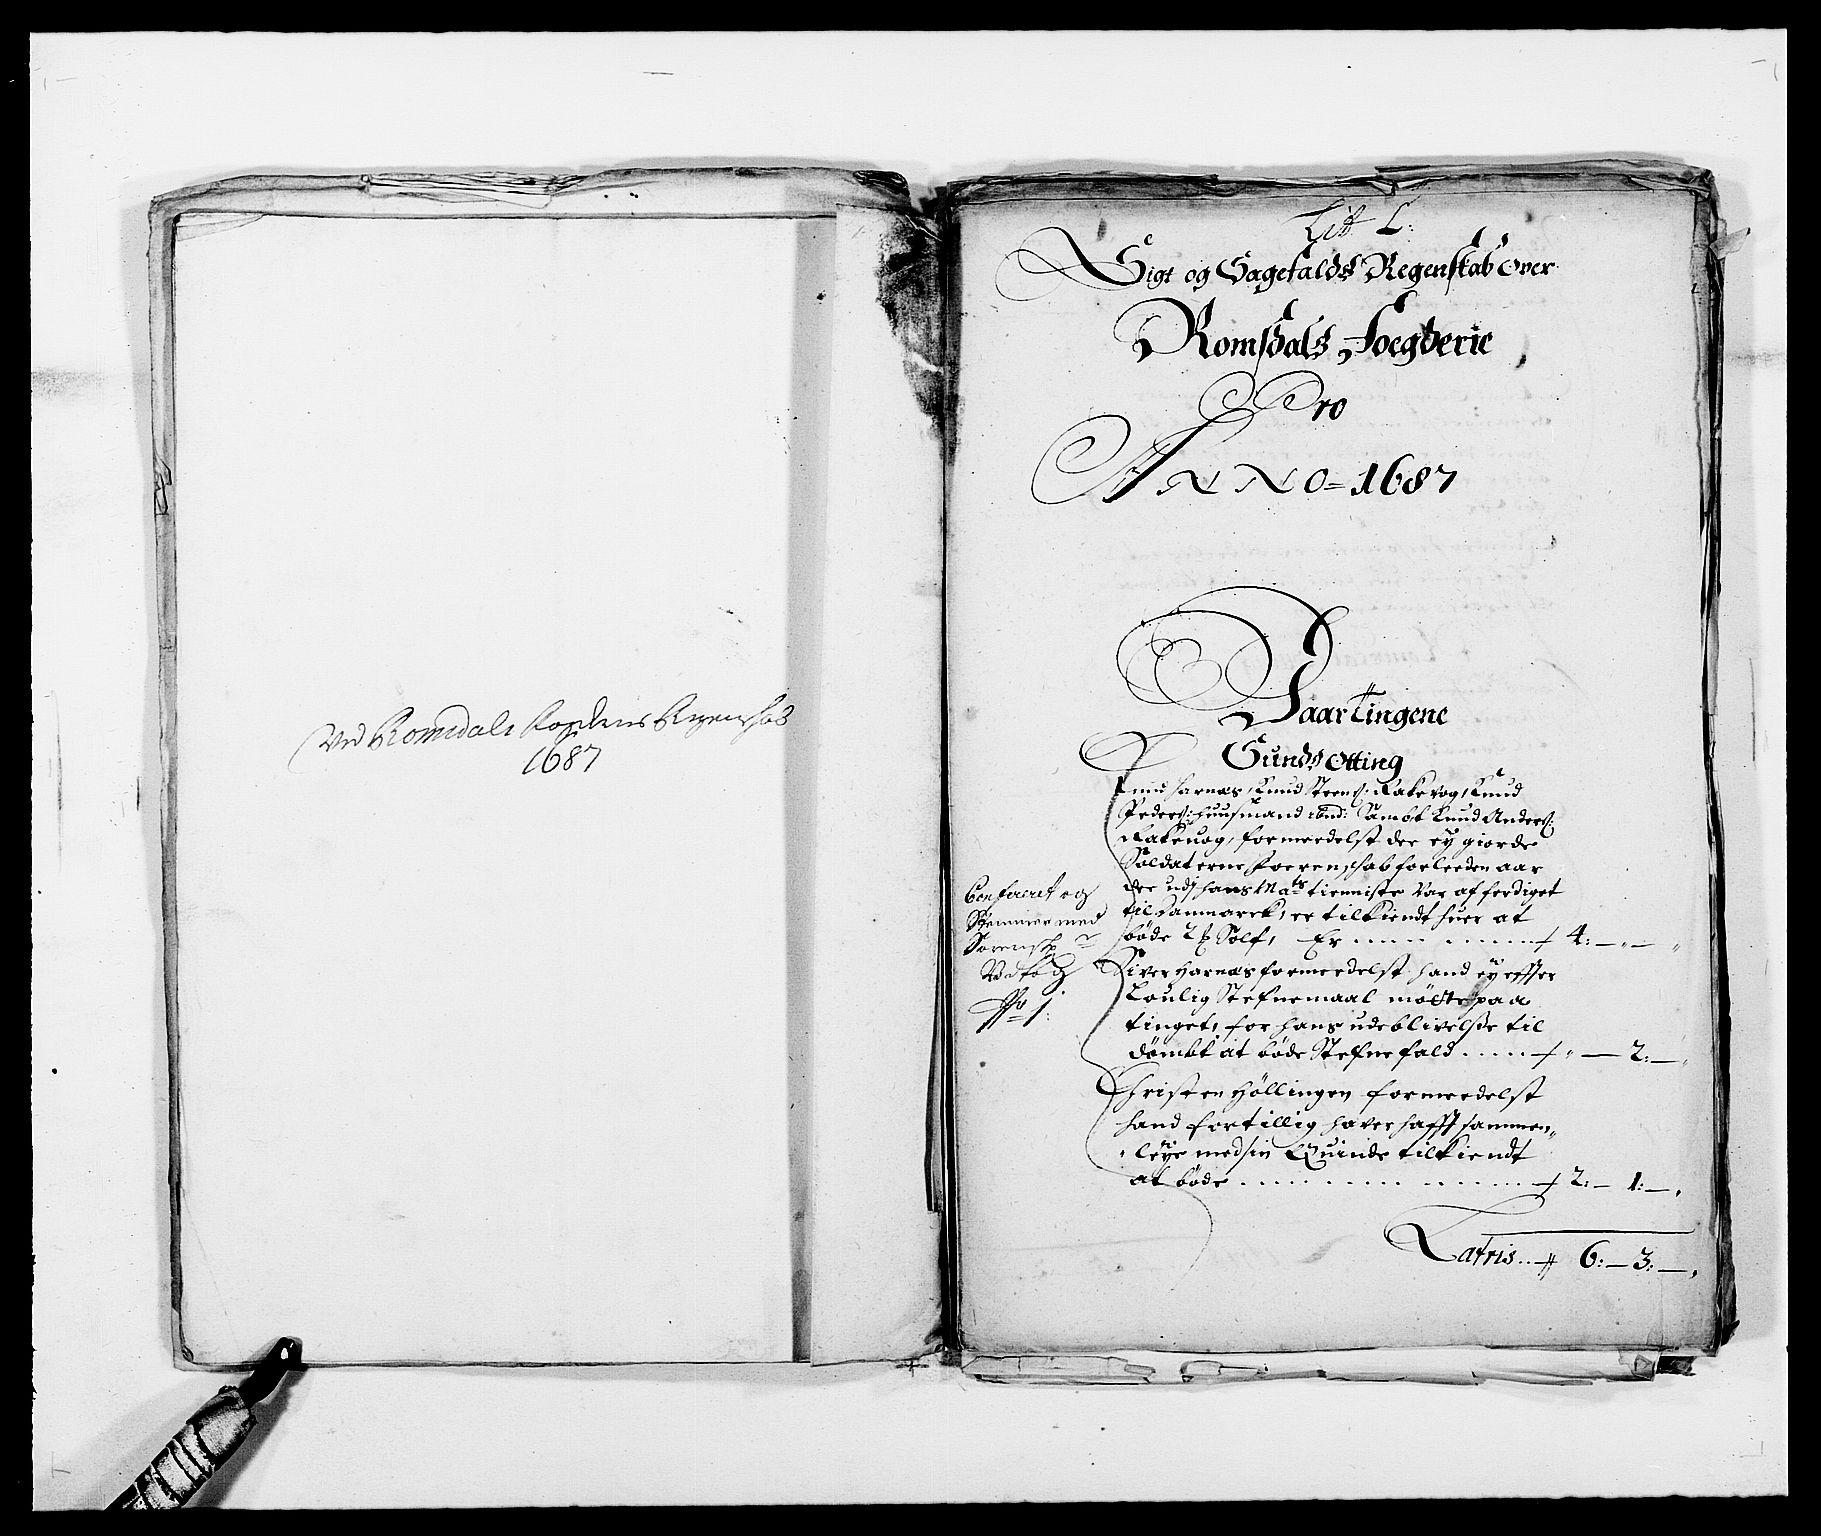 RA, Rentekammeret inntil 1814, Reviderte regnskaper, Fogderegnskap, R55/L3648: Fogderegnskap Romsdal, 1687-1689, s. 134